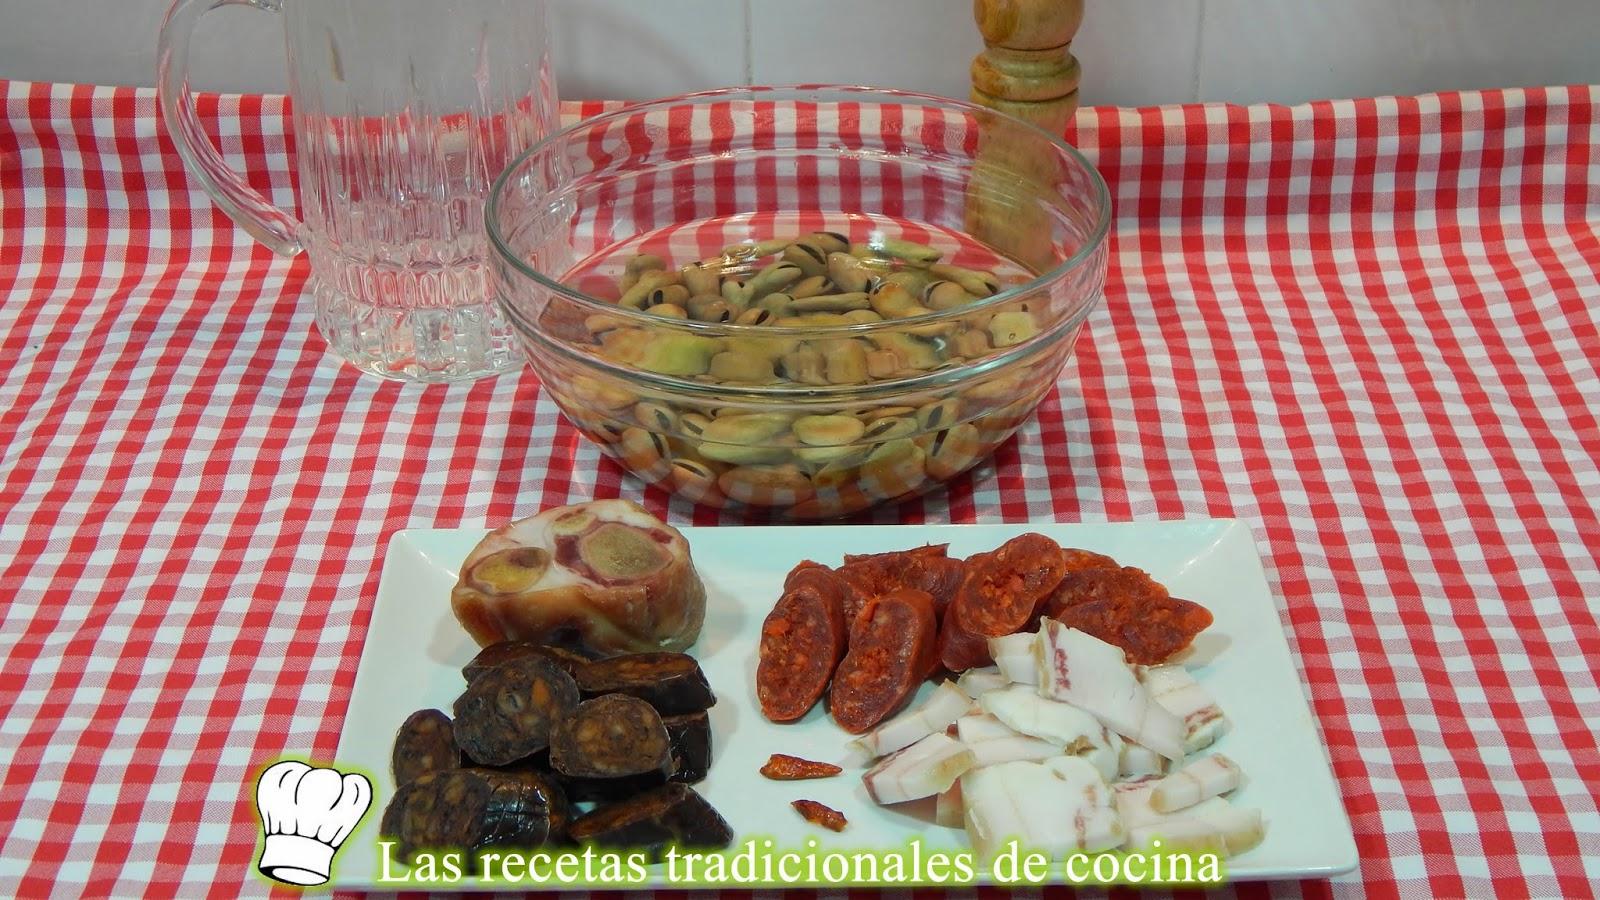 Receta fácil de habas cocidas con chorizo y morcilla